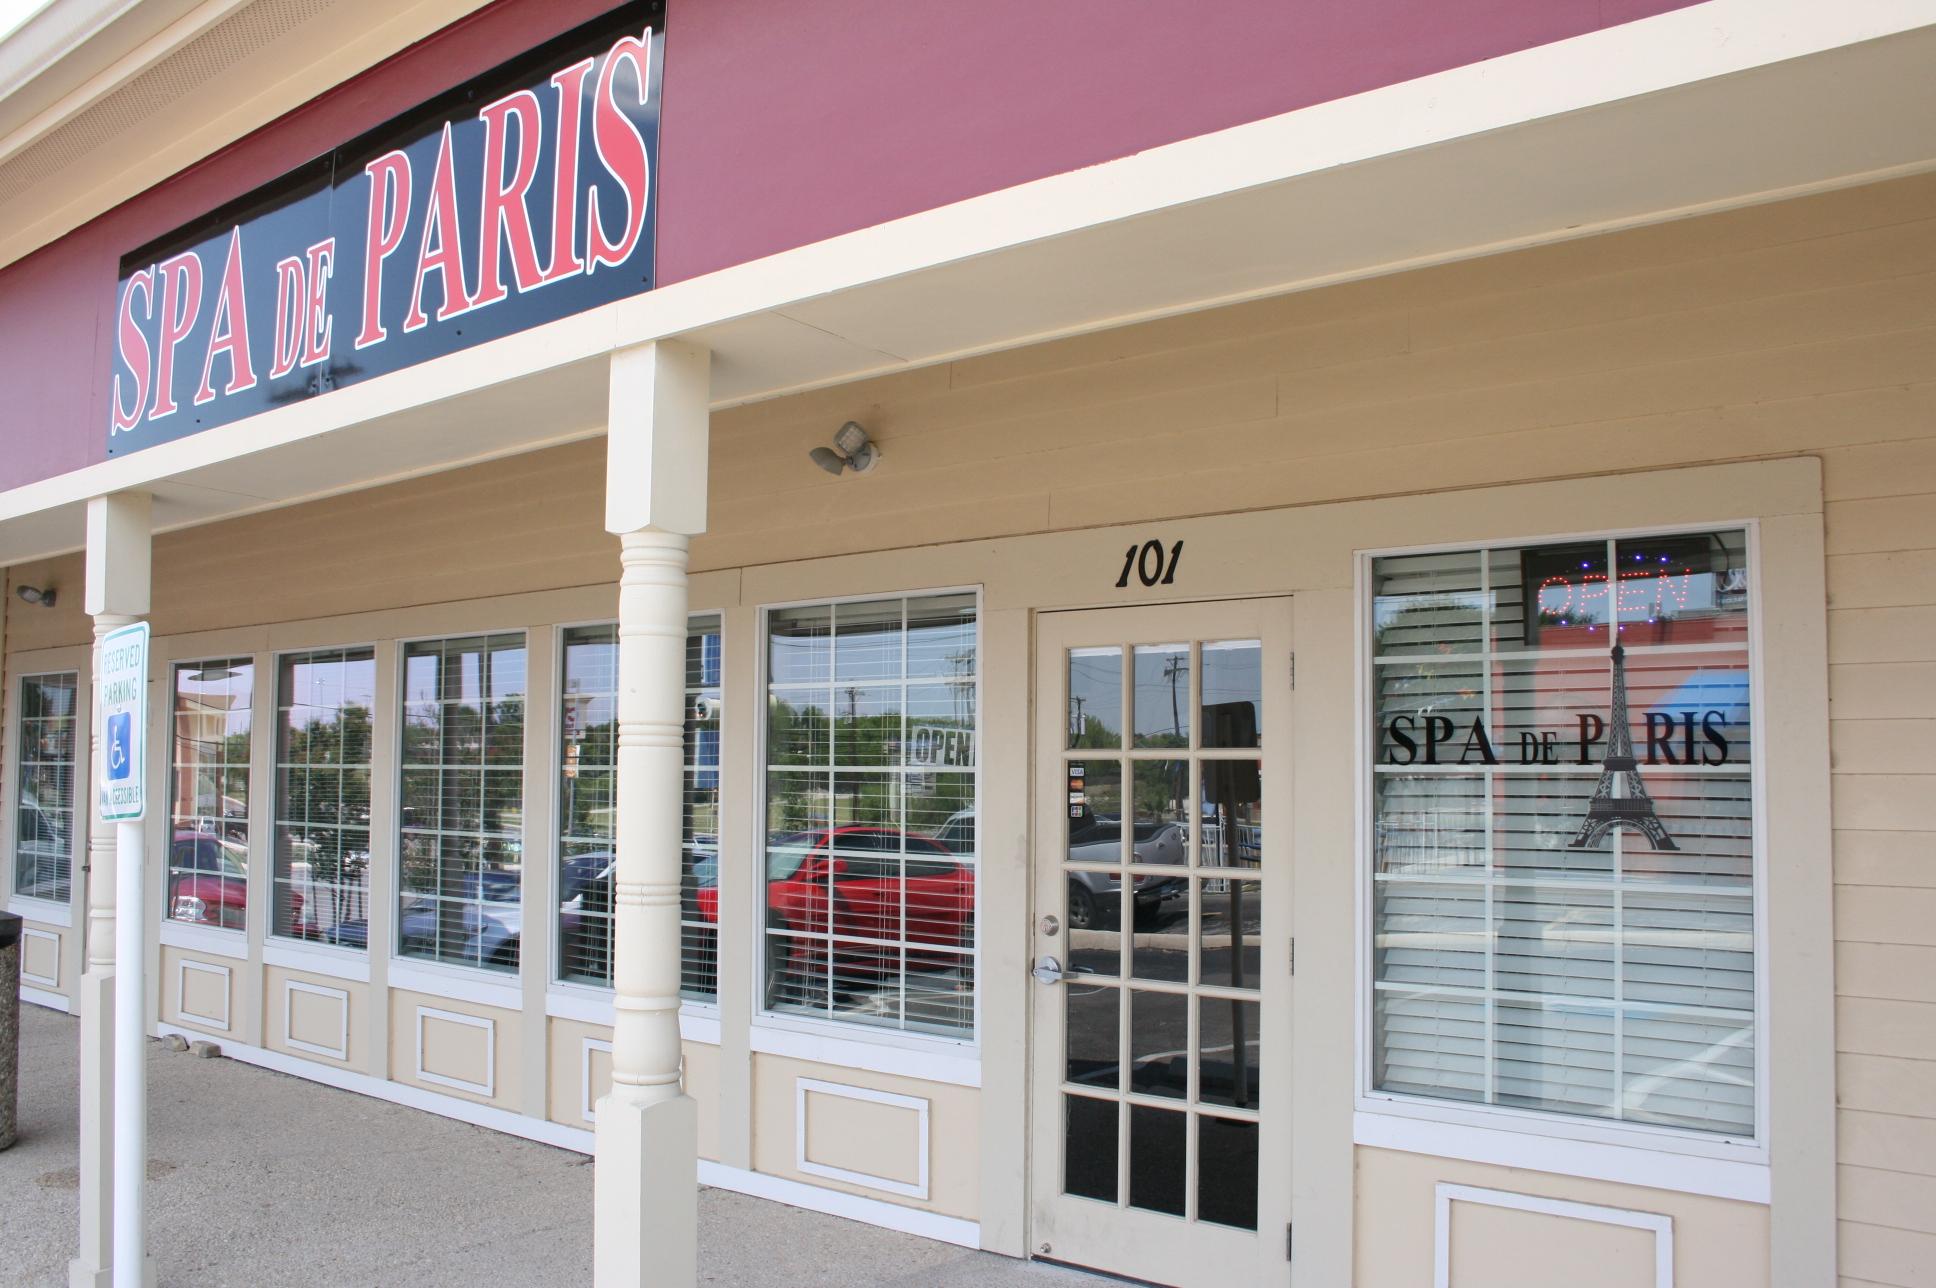 Spa De Paris 15033 Nacogdoches Rd Ste 101 San Antonio Tx